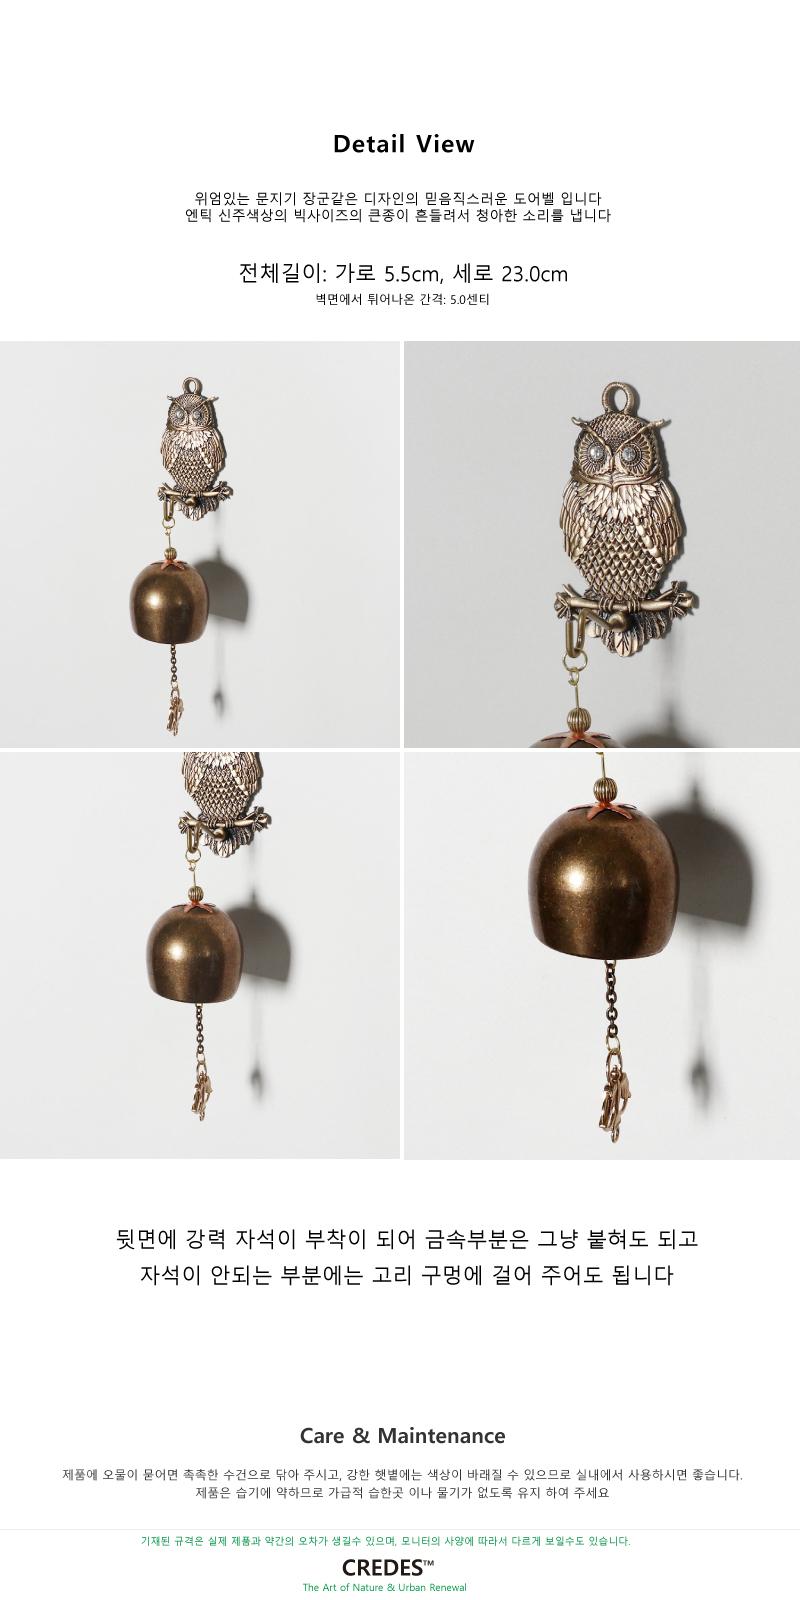 대종 대장 부엉이 1벨 문종 도어벨 - 크레디스, 10,000원, 장식소품, 도어벨